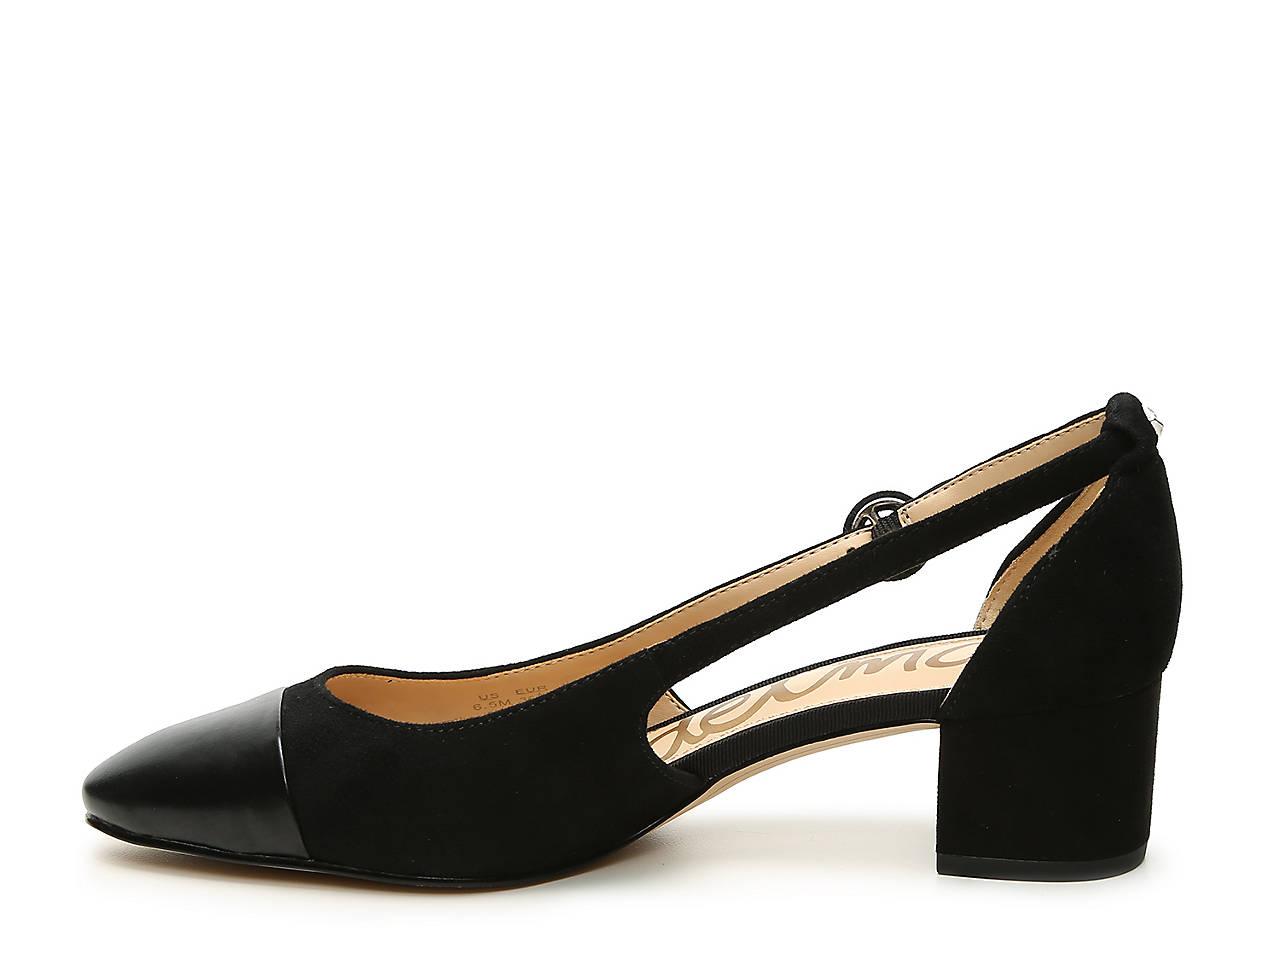 da93ac2a601 Sam Edelman Leah Pump Women s Shoes